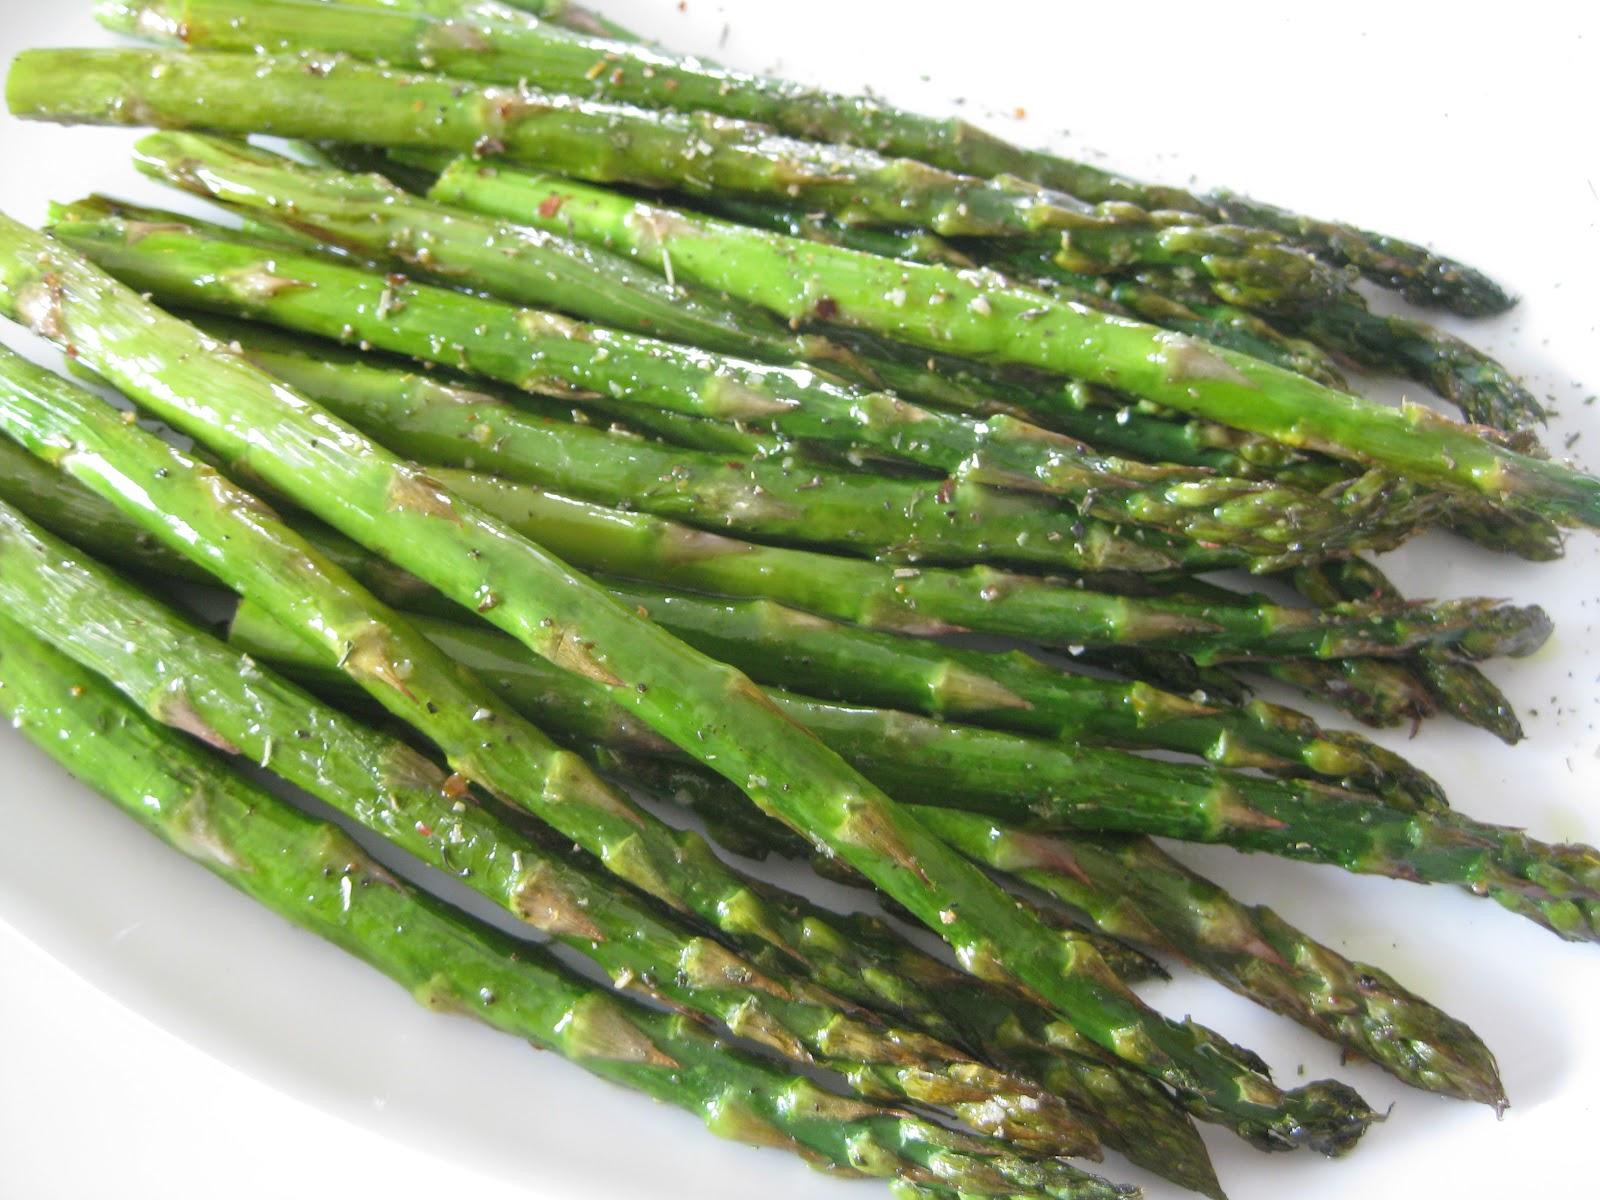 Heidi's Recipes: Asparagus Recipe